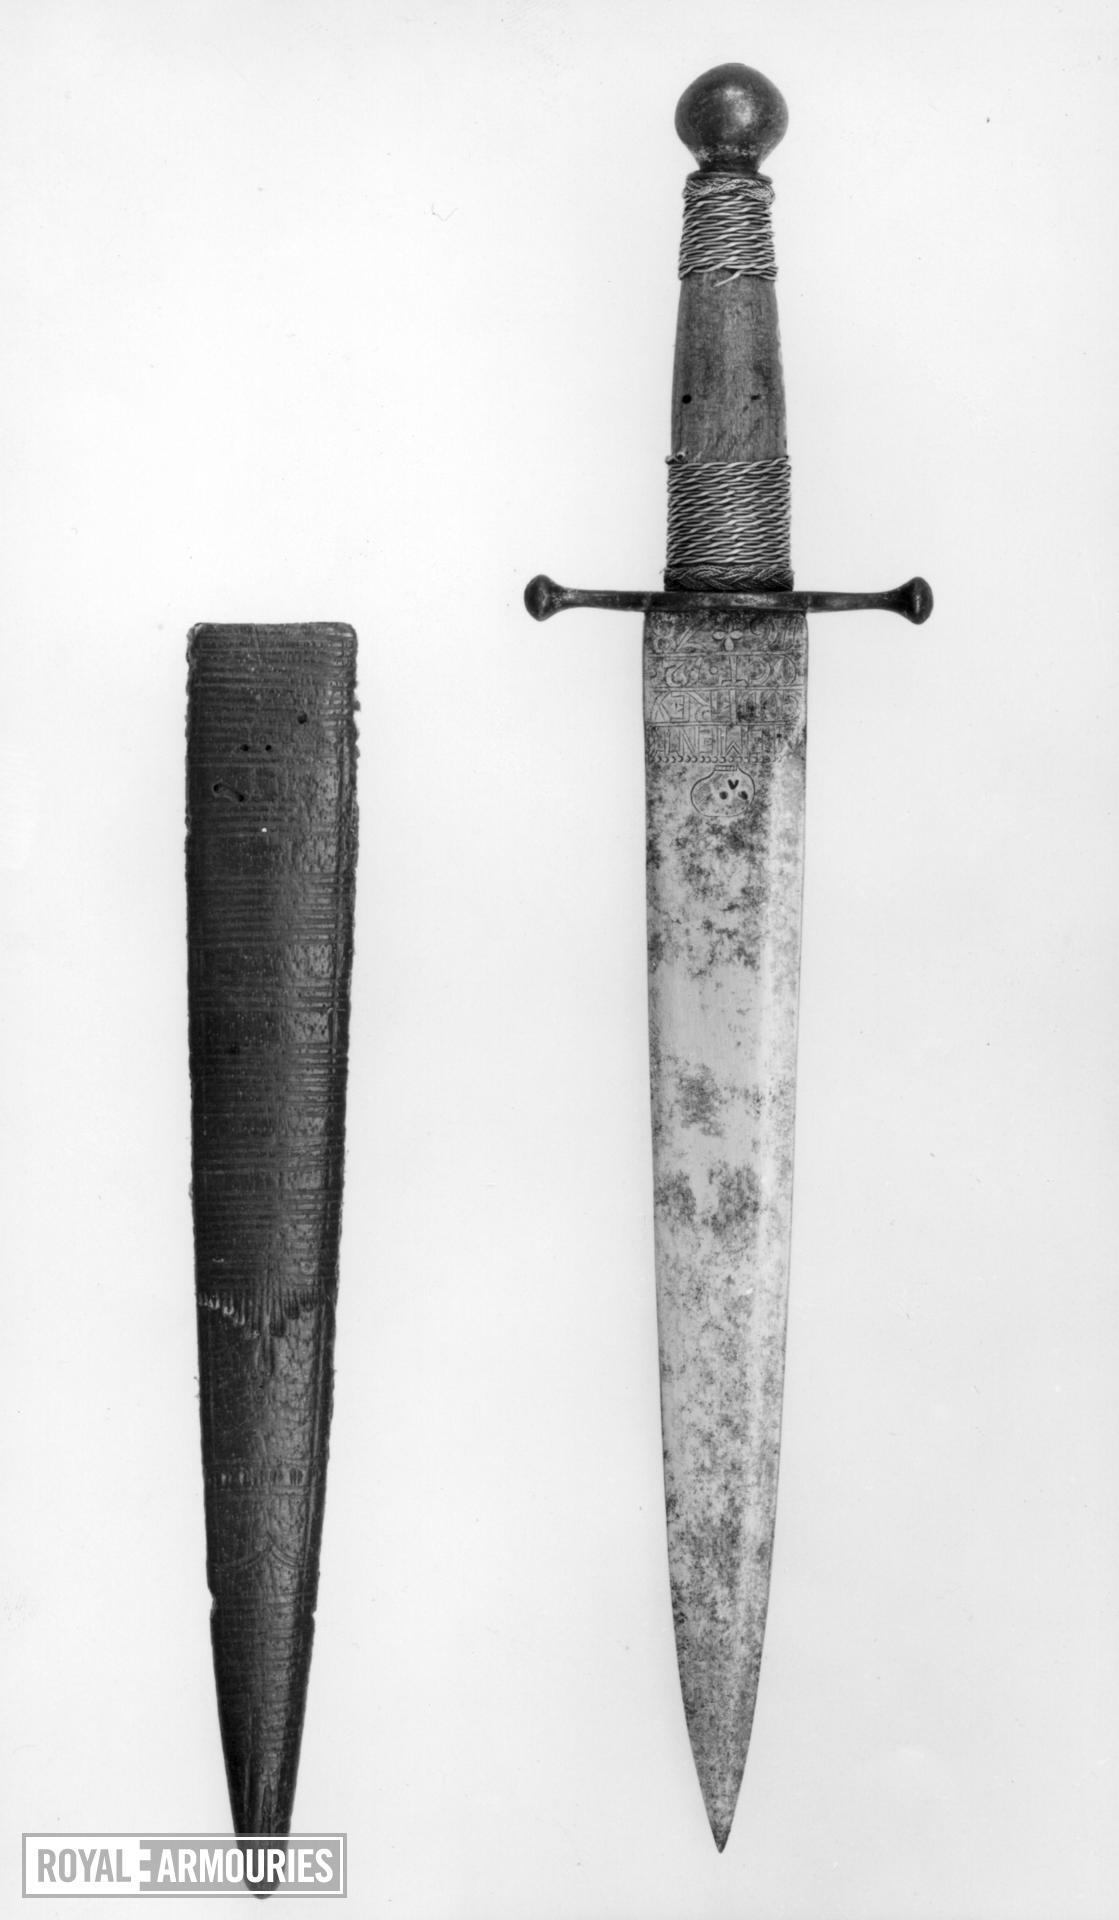 Dagger and sheath - Quillon Dagger Quillon dagger and sheath